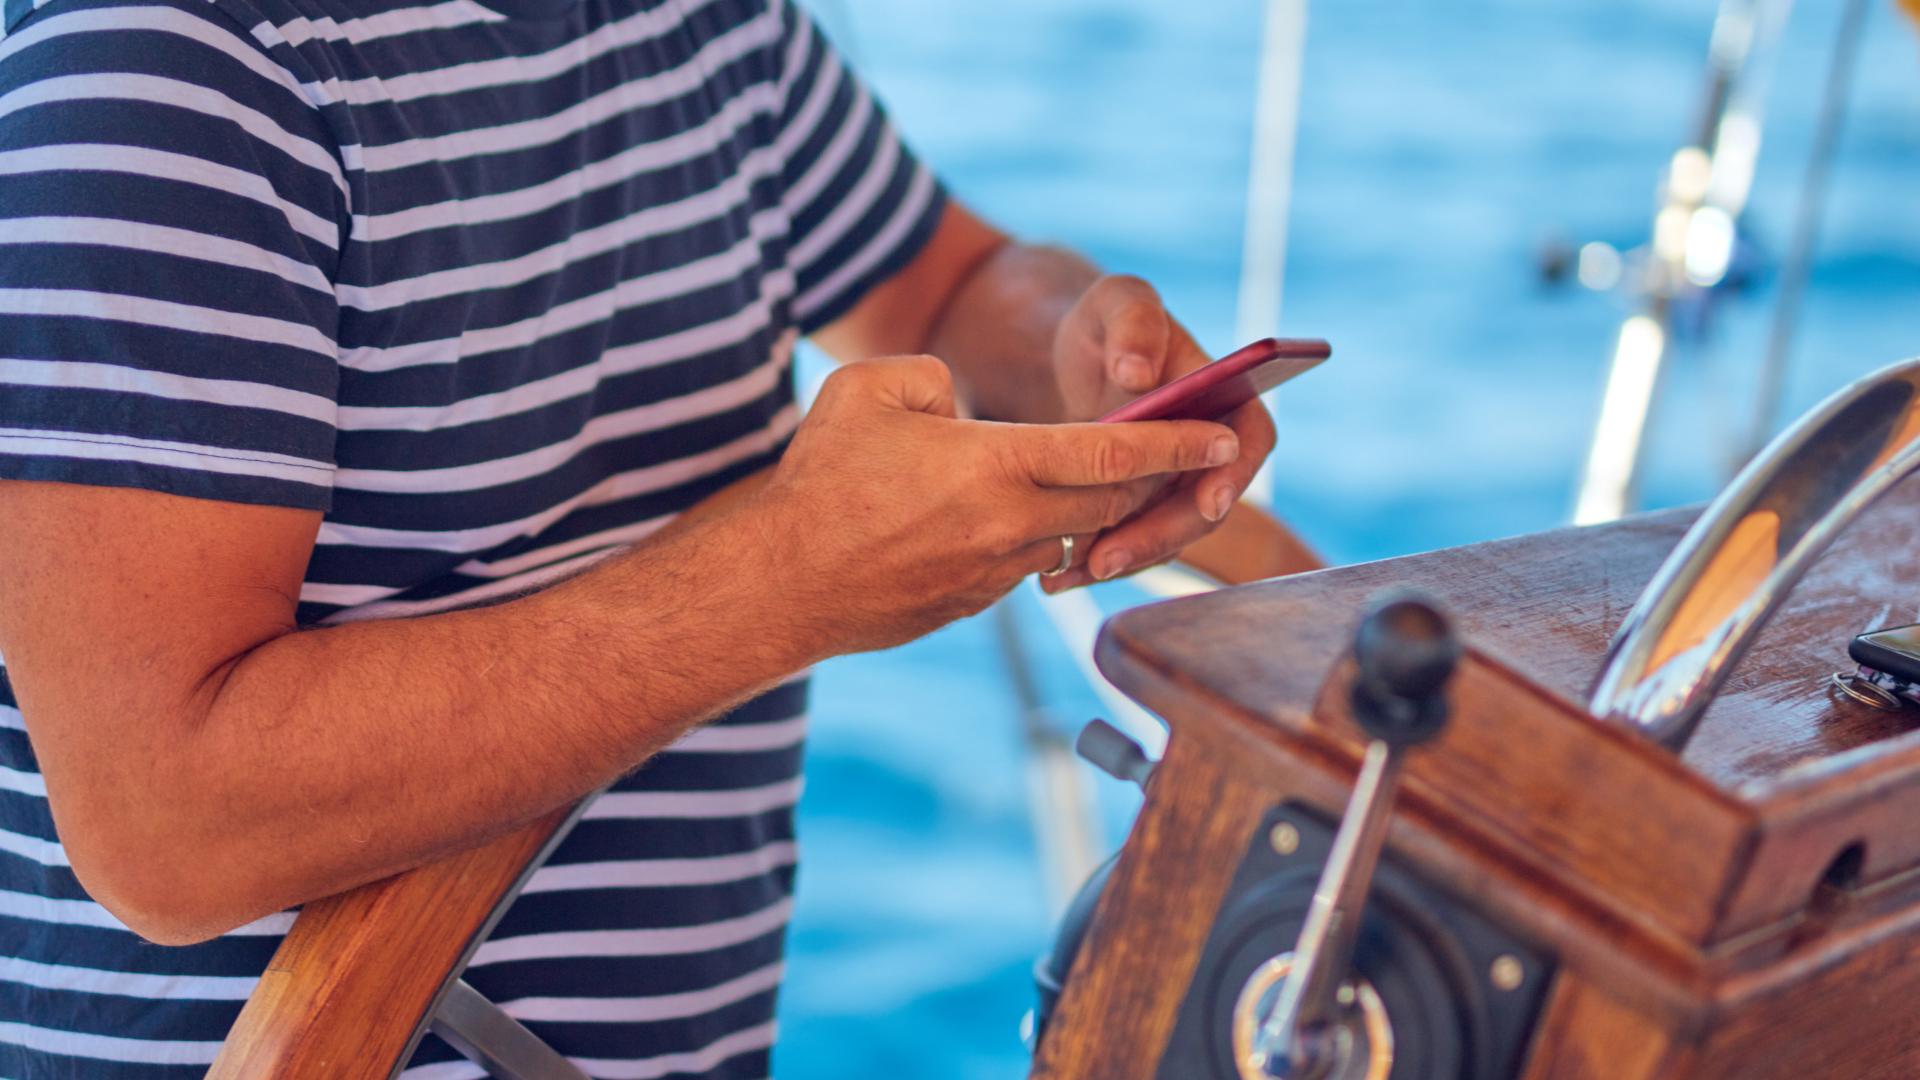 henkilö ohjaa purjevenettä ja räplää älypuhelinta samalla